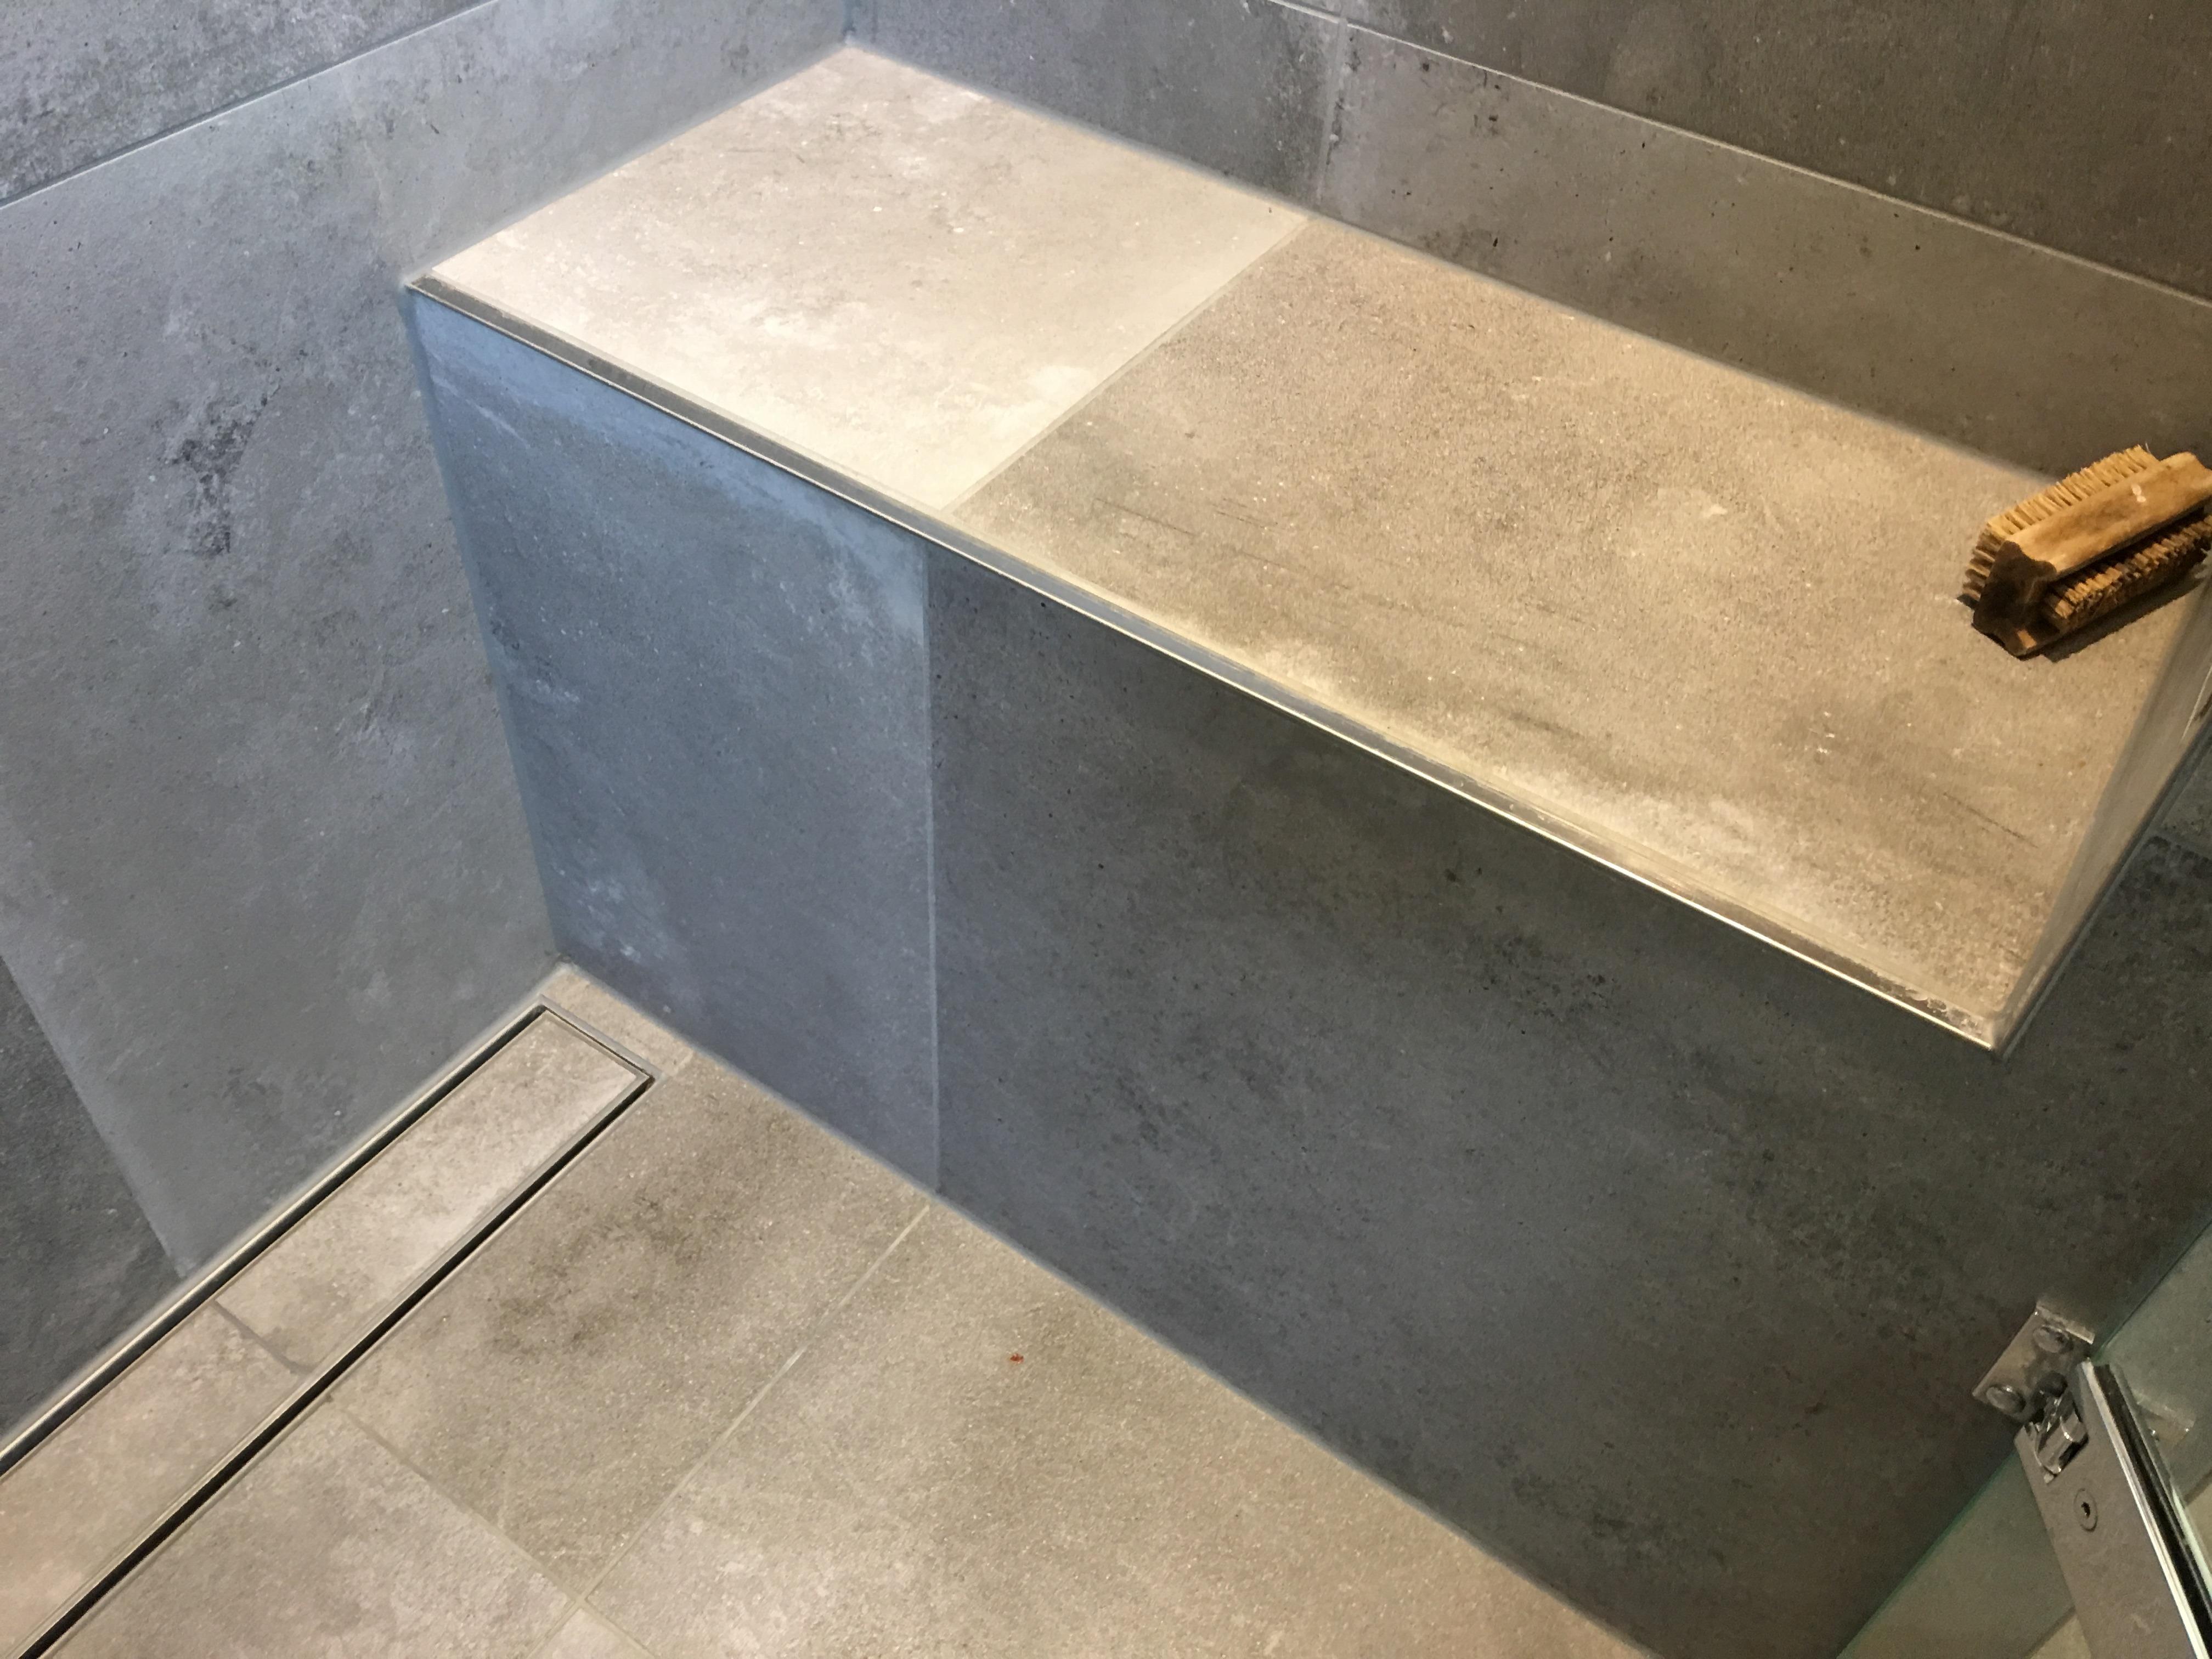 Corian Badkamer Onderhoud : Onderhoudsvrije badkamer wiesenekker badkamerconcepten